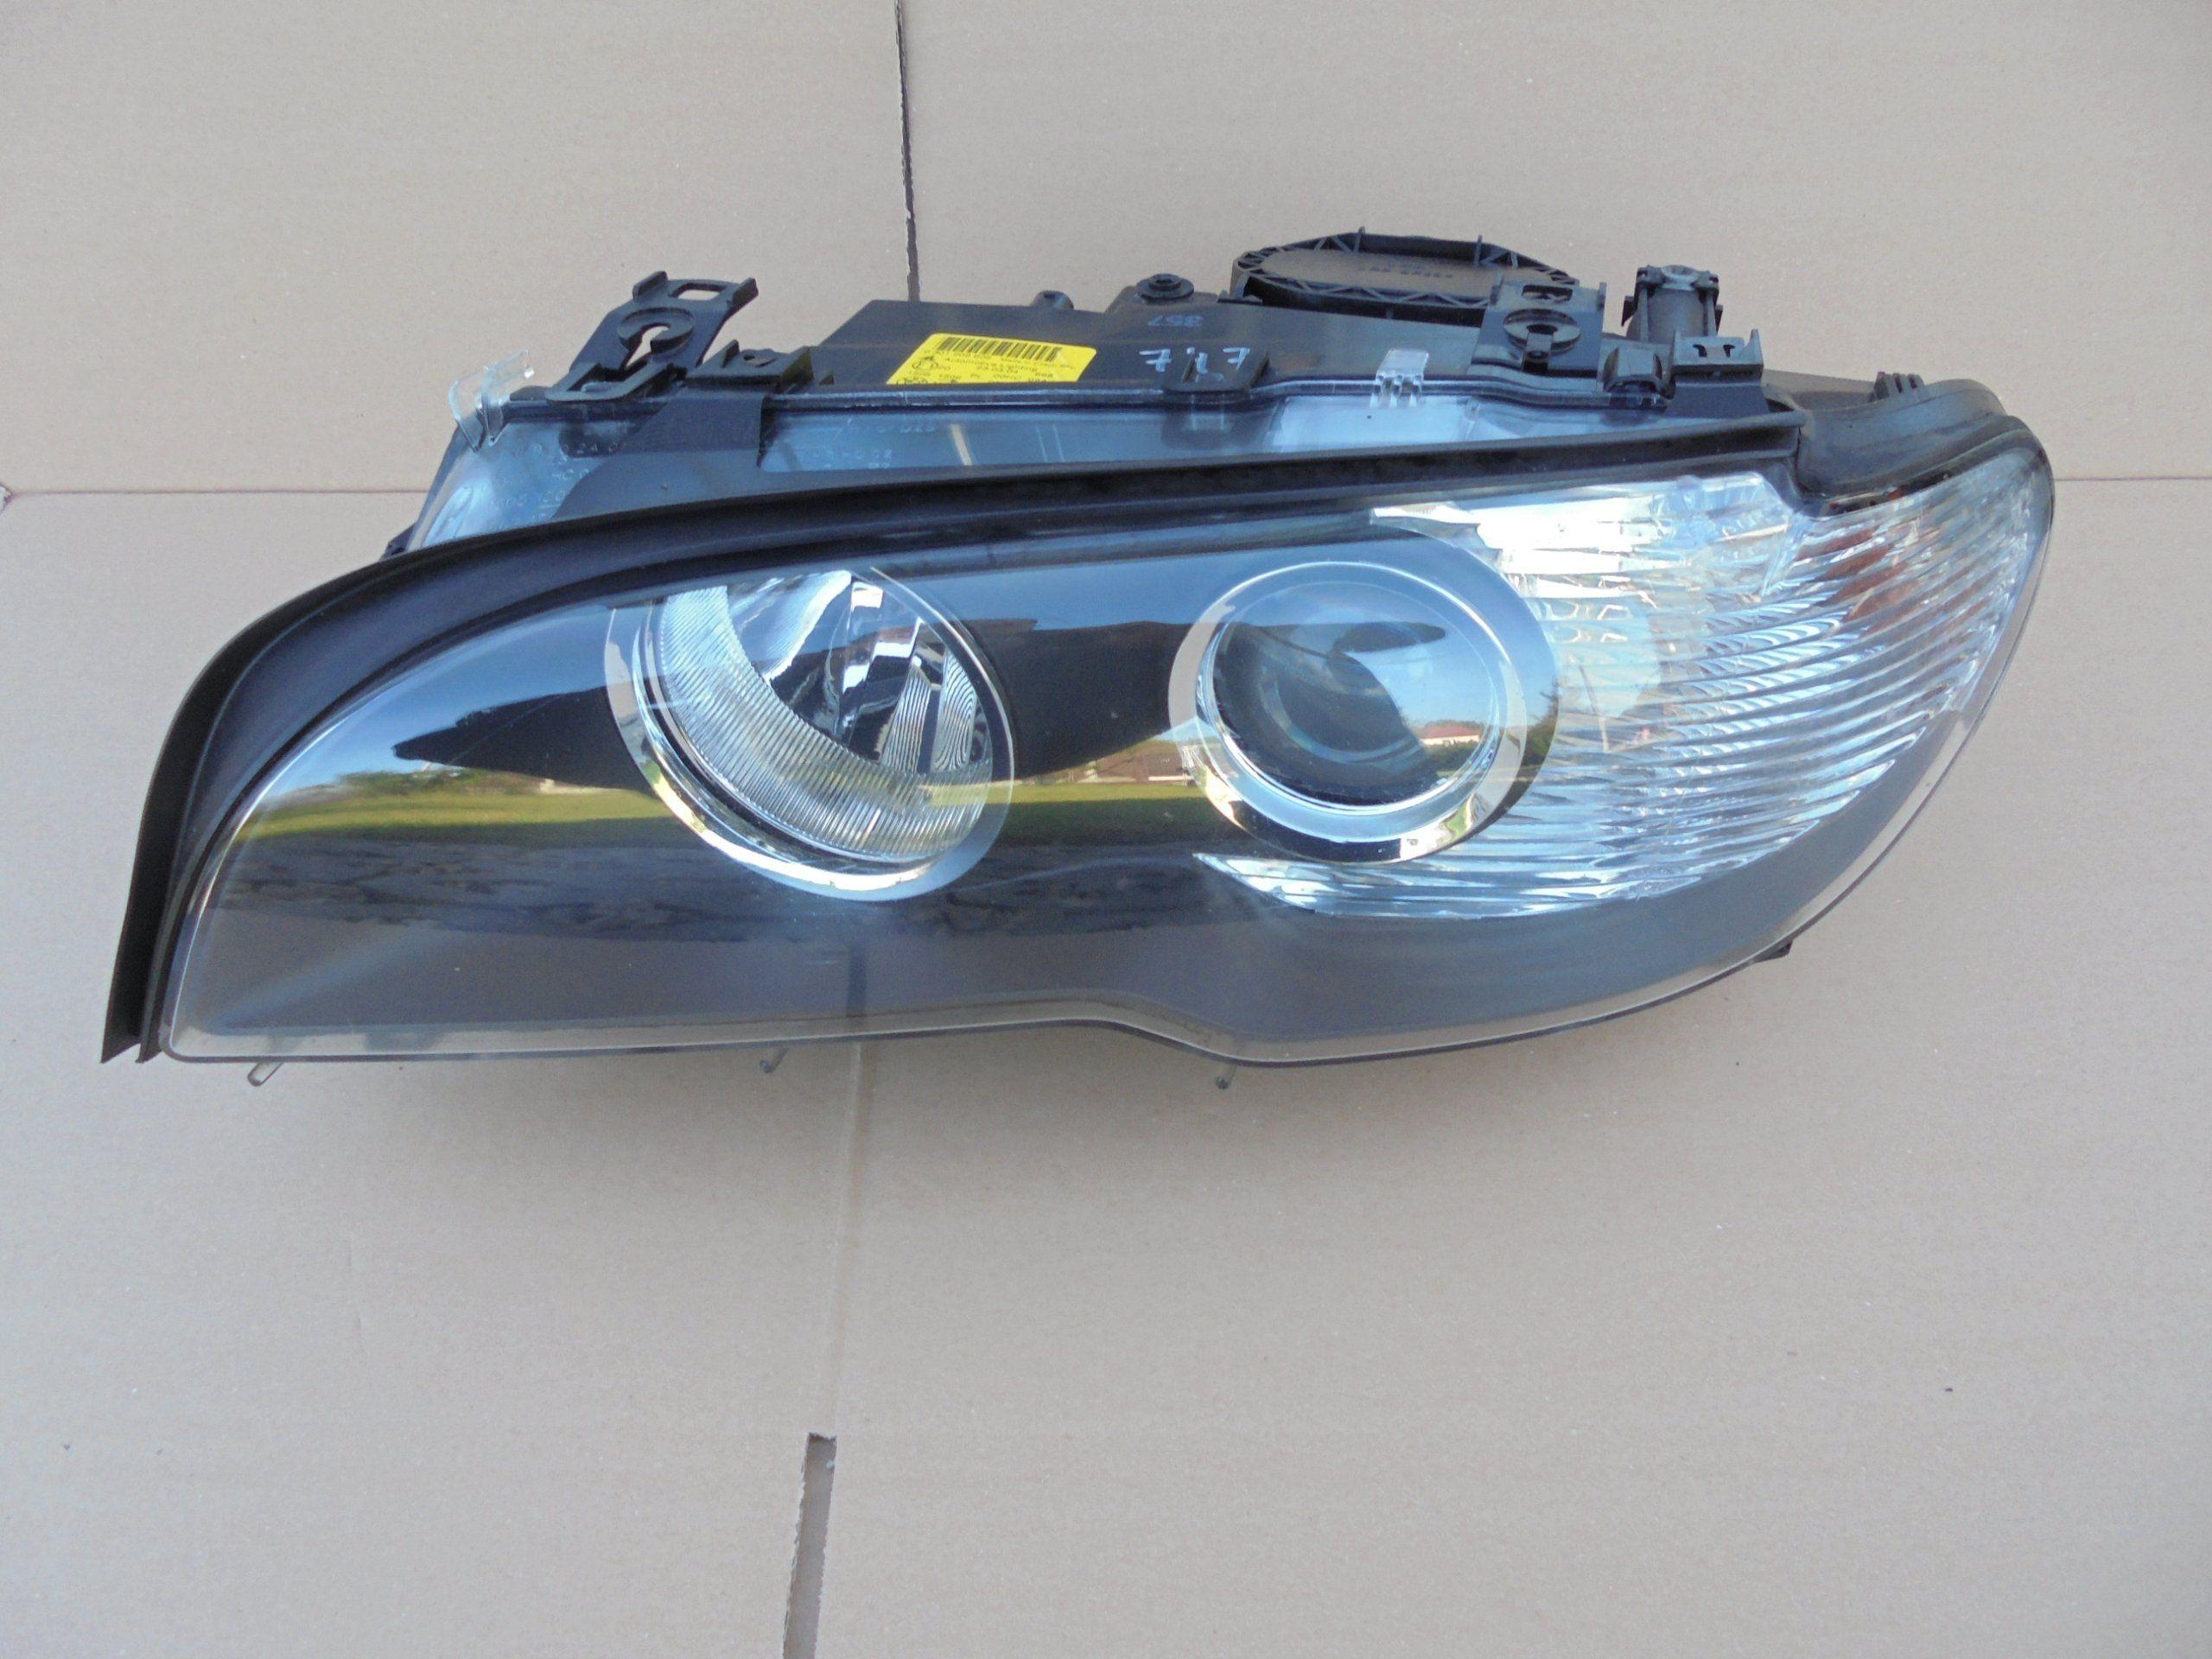 Lampa Przod Lewa Bmw E46 Coupe Cabrio 02 06 7125017096 Oficjalne Archiwum Allegro E46 Coupe Bmw E46 Bmw